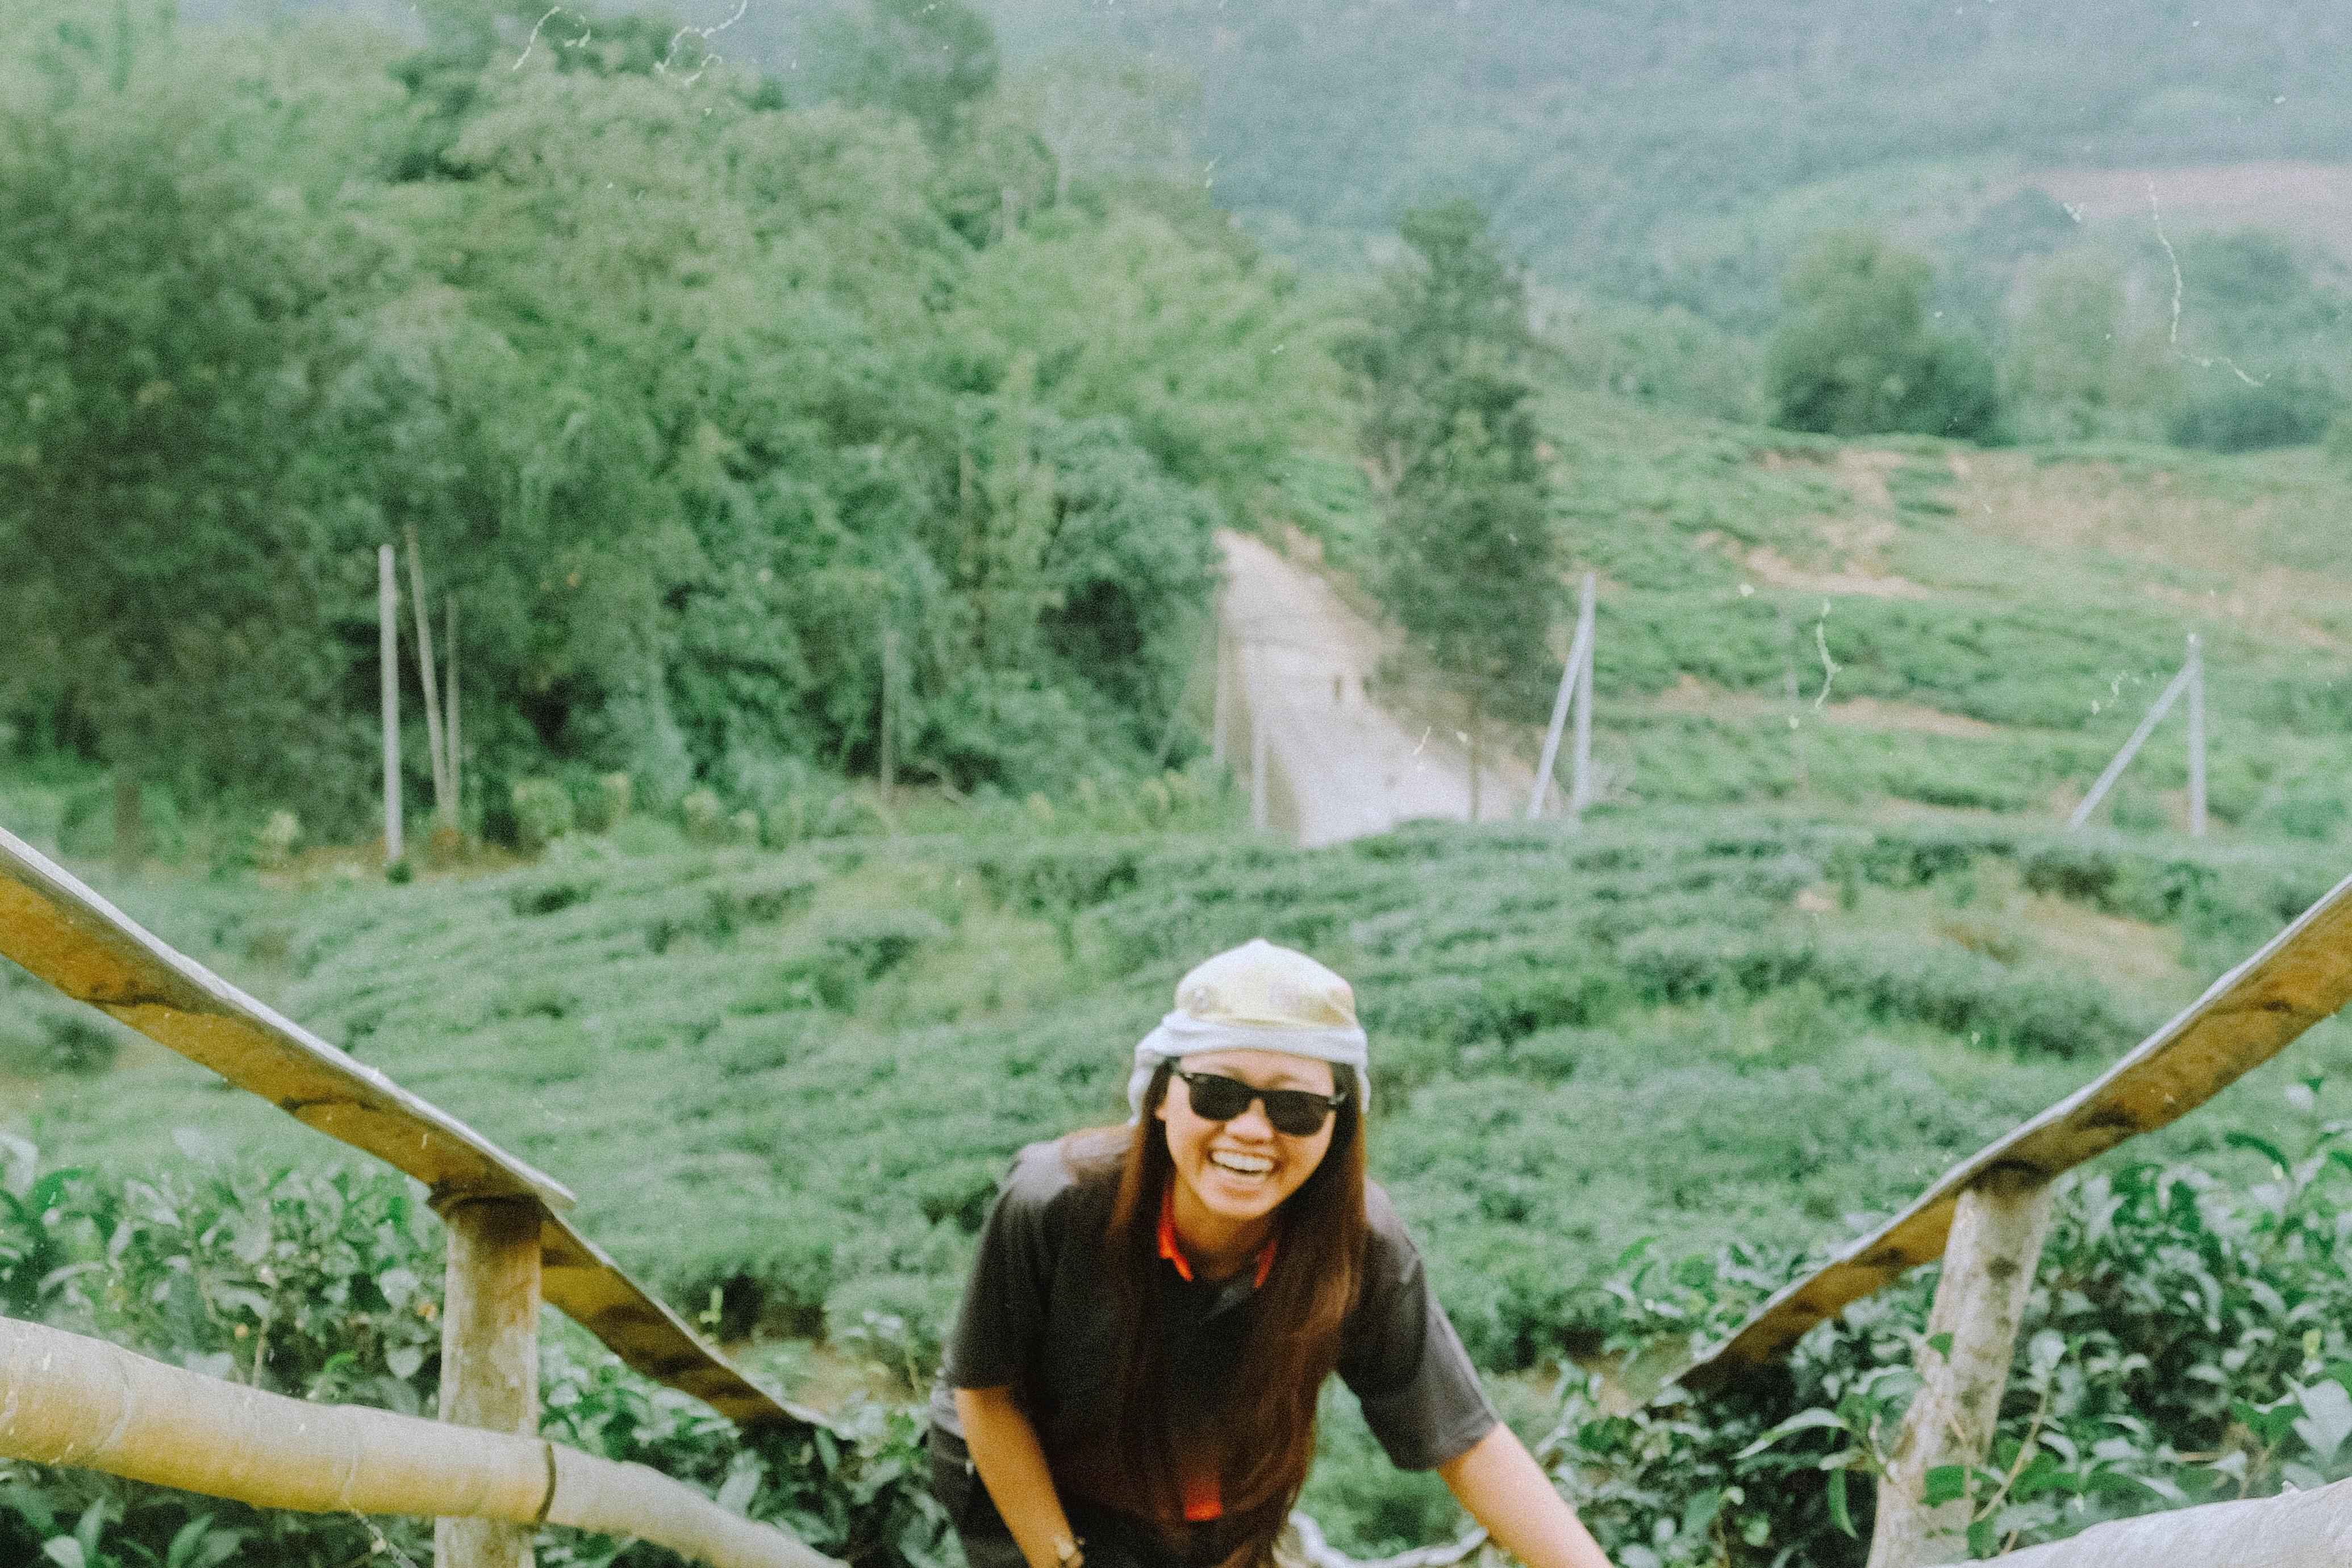 woman wearing black shirt smiling during daytime photography